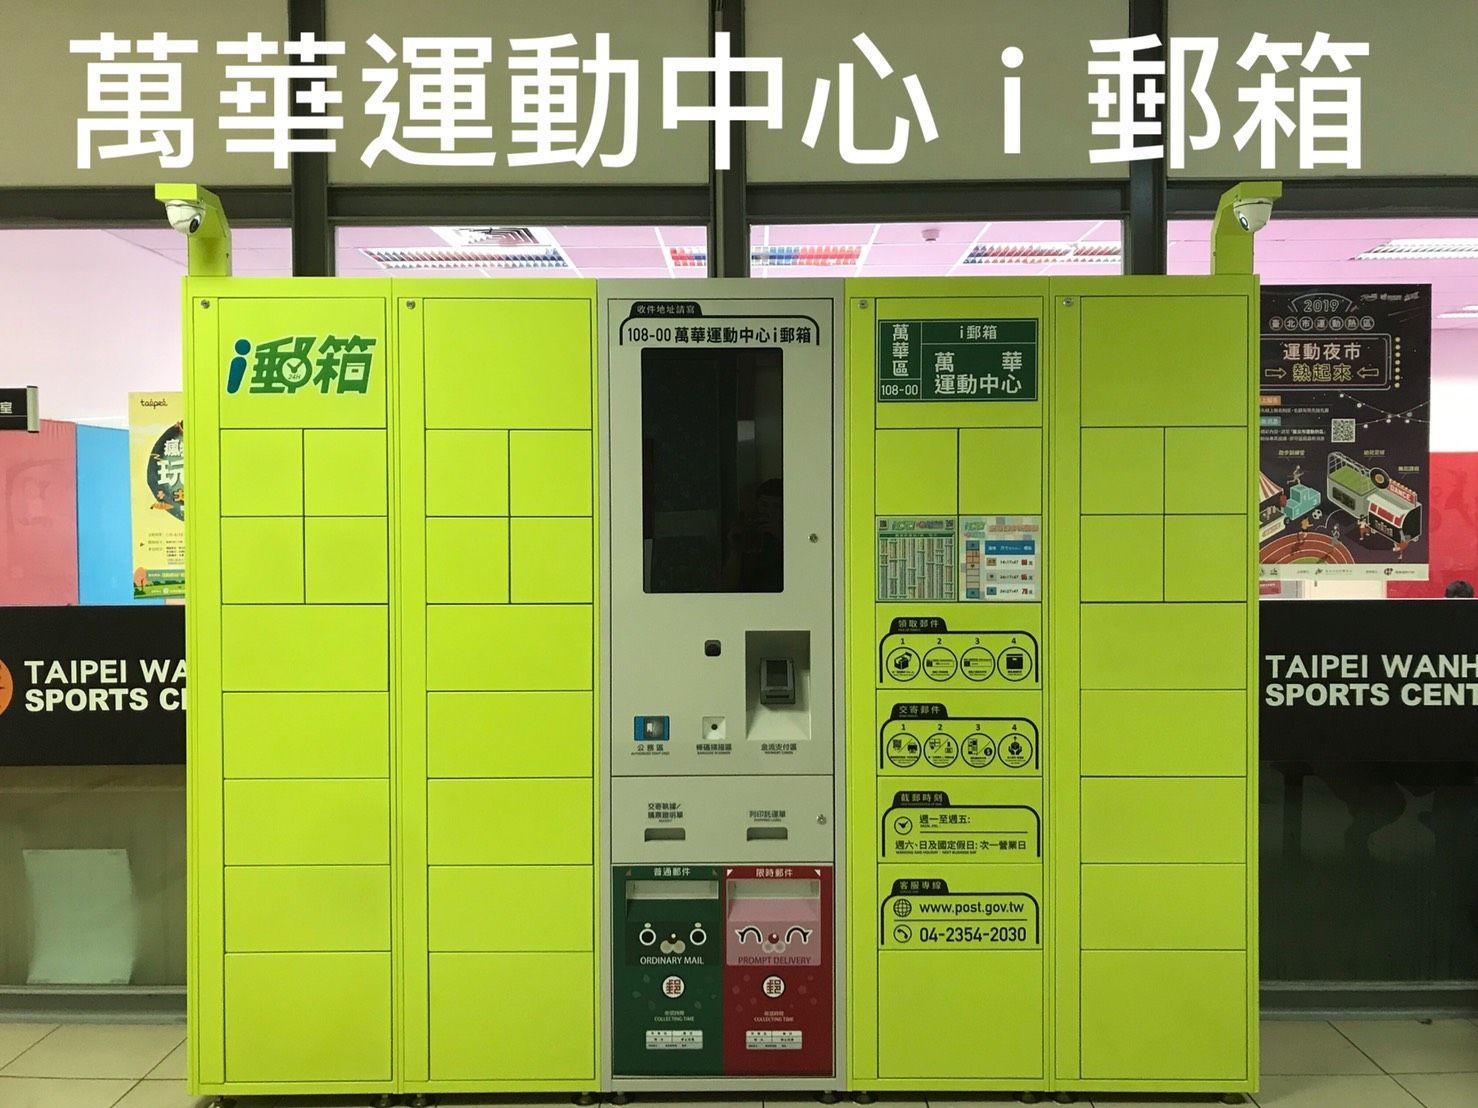 萬華運動中心 i 郵箱